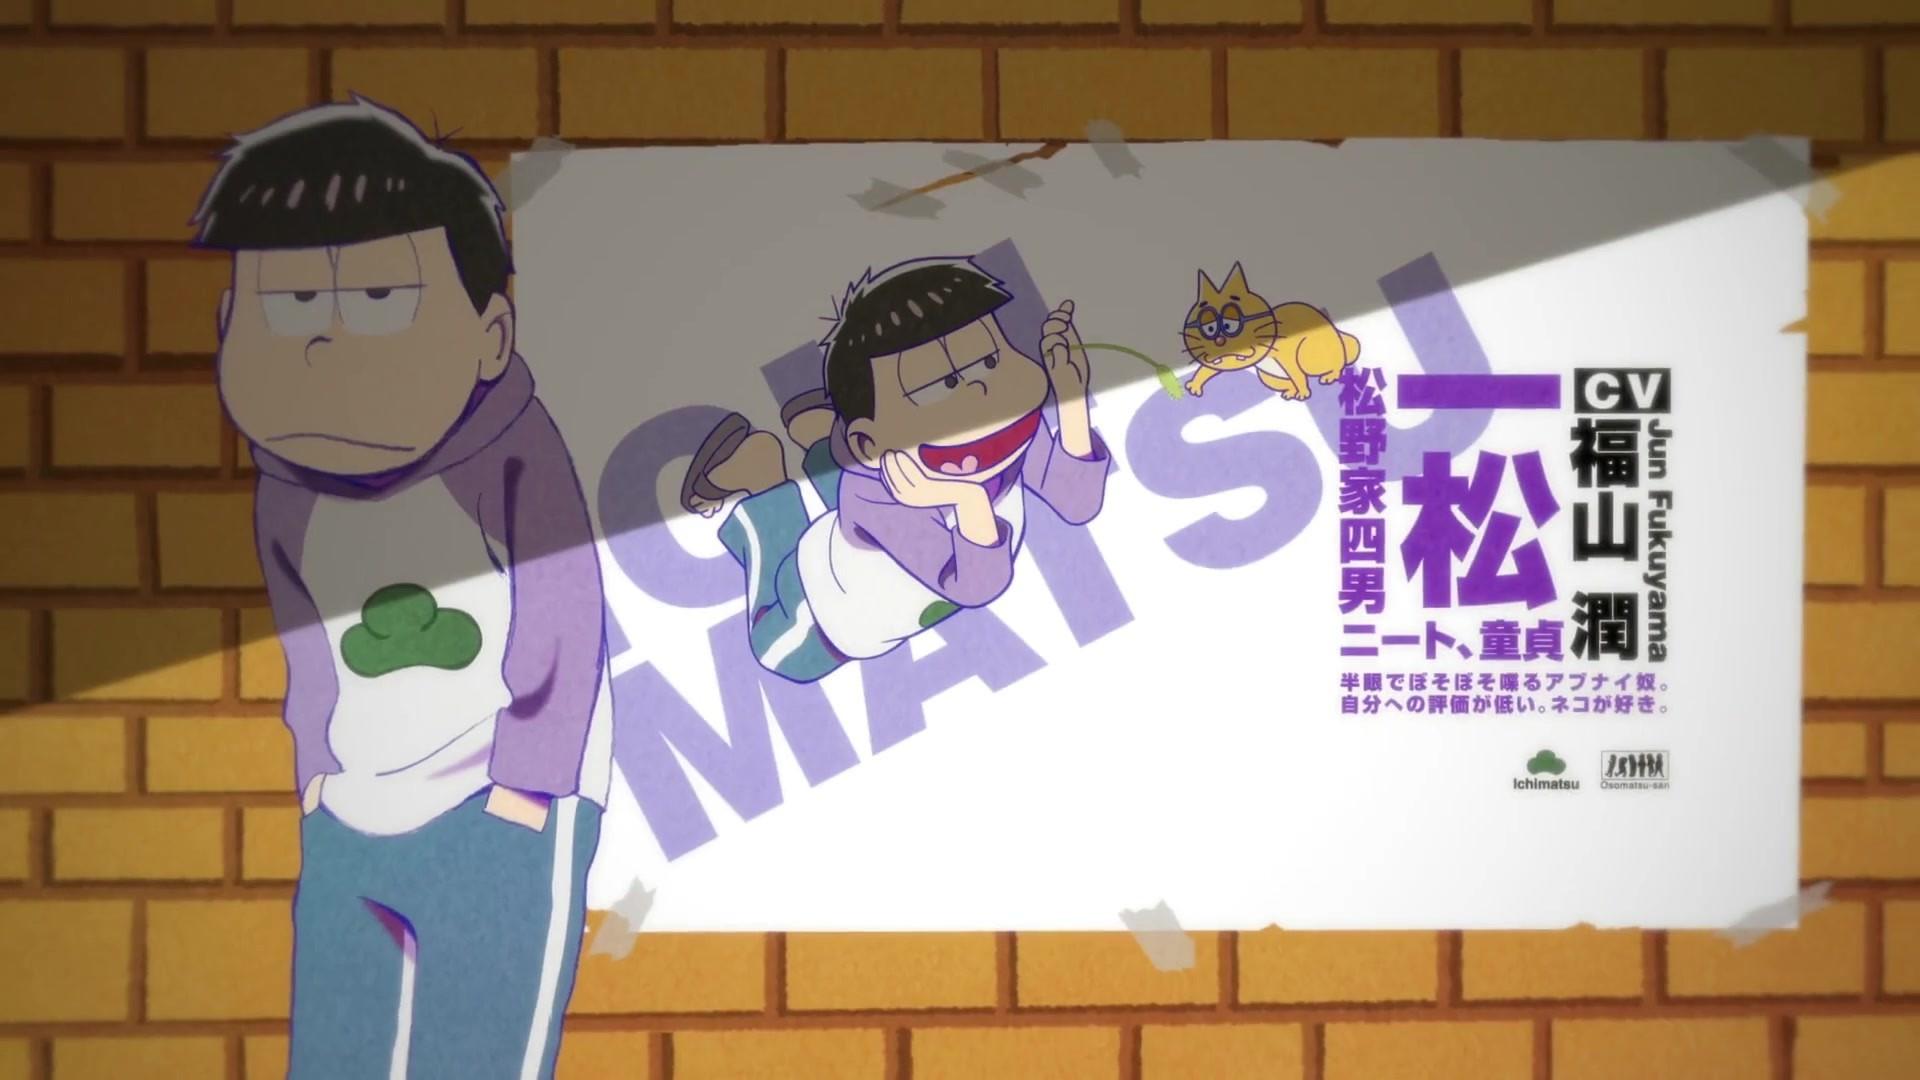 【资讯】《阿松》第二季动画PV公开 10月2日六子再来